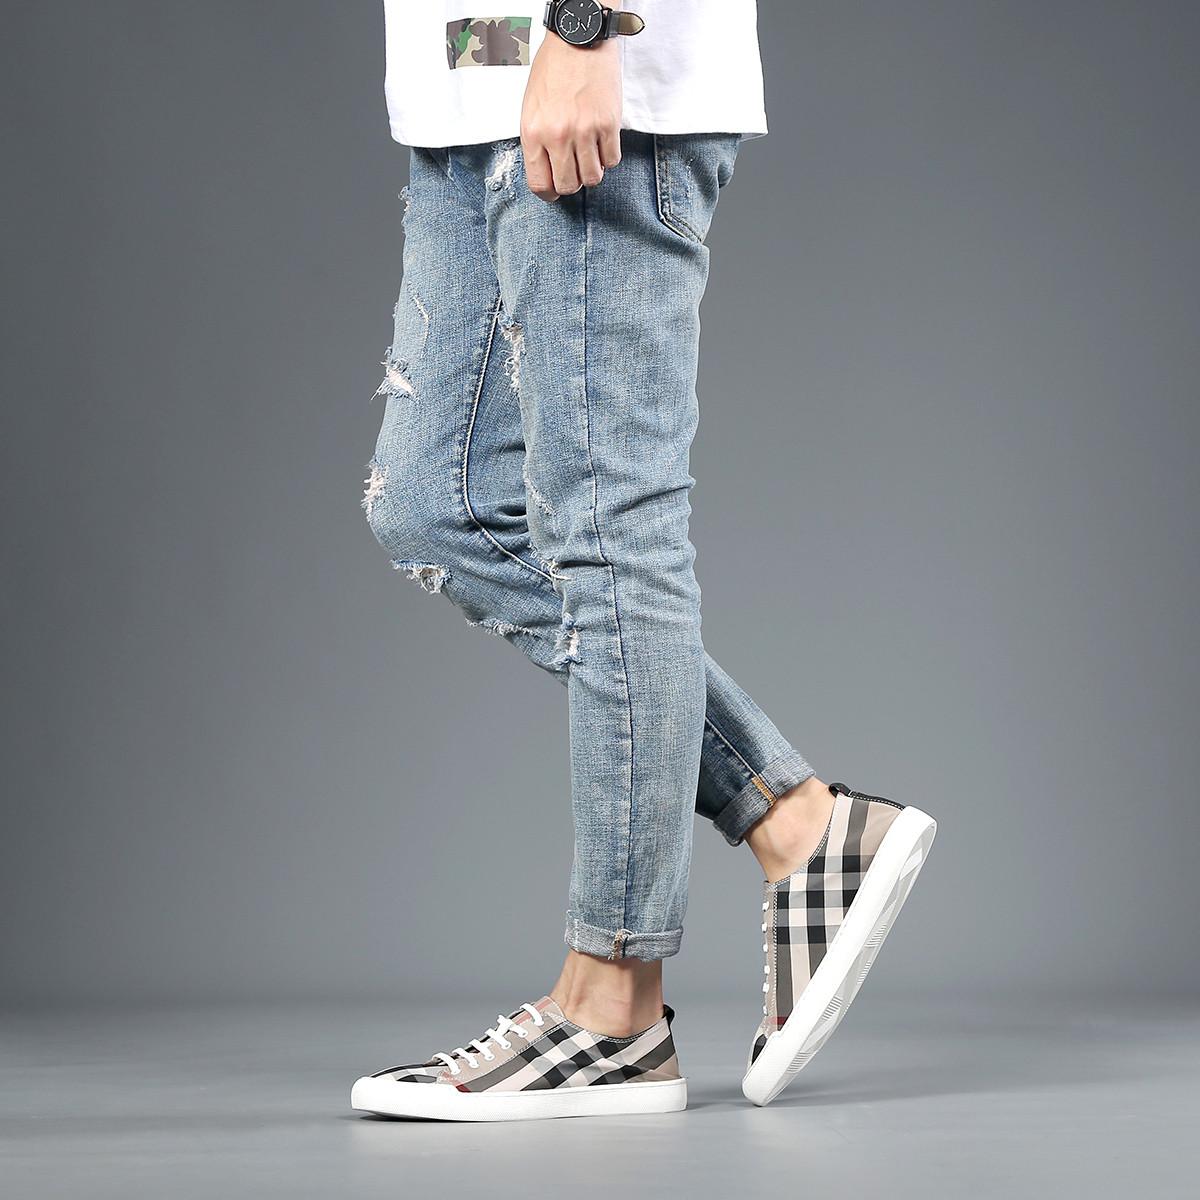 名人烟斗爆款男士布鞋潮流百搭一脚蹬男士休闲鞋男帆布鞋男鞋1492352D17